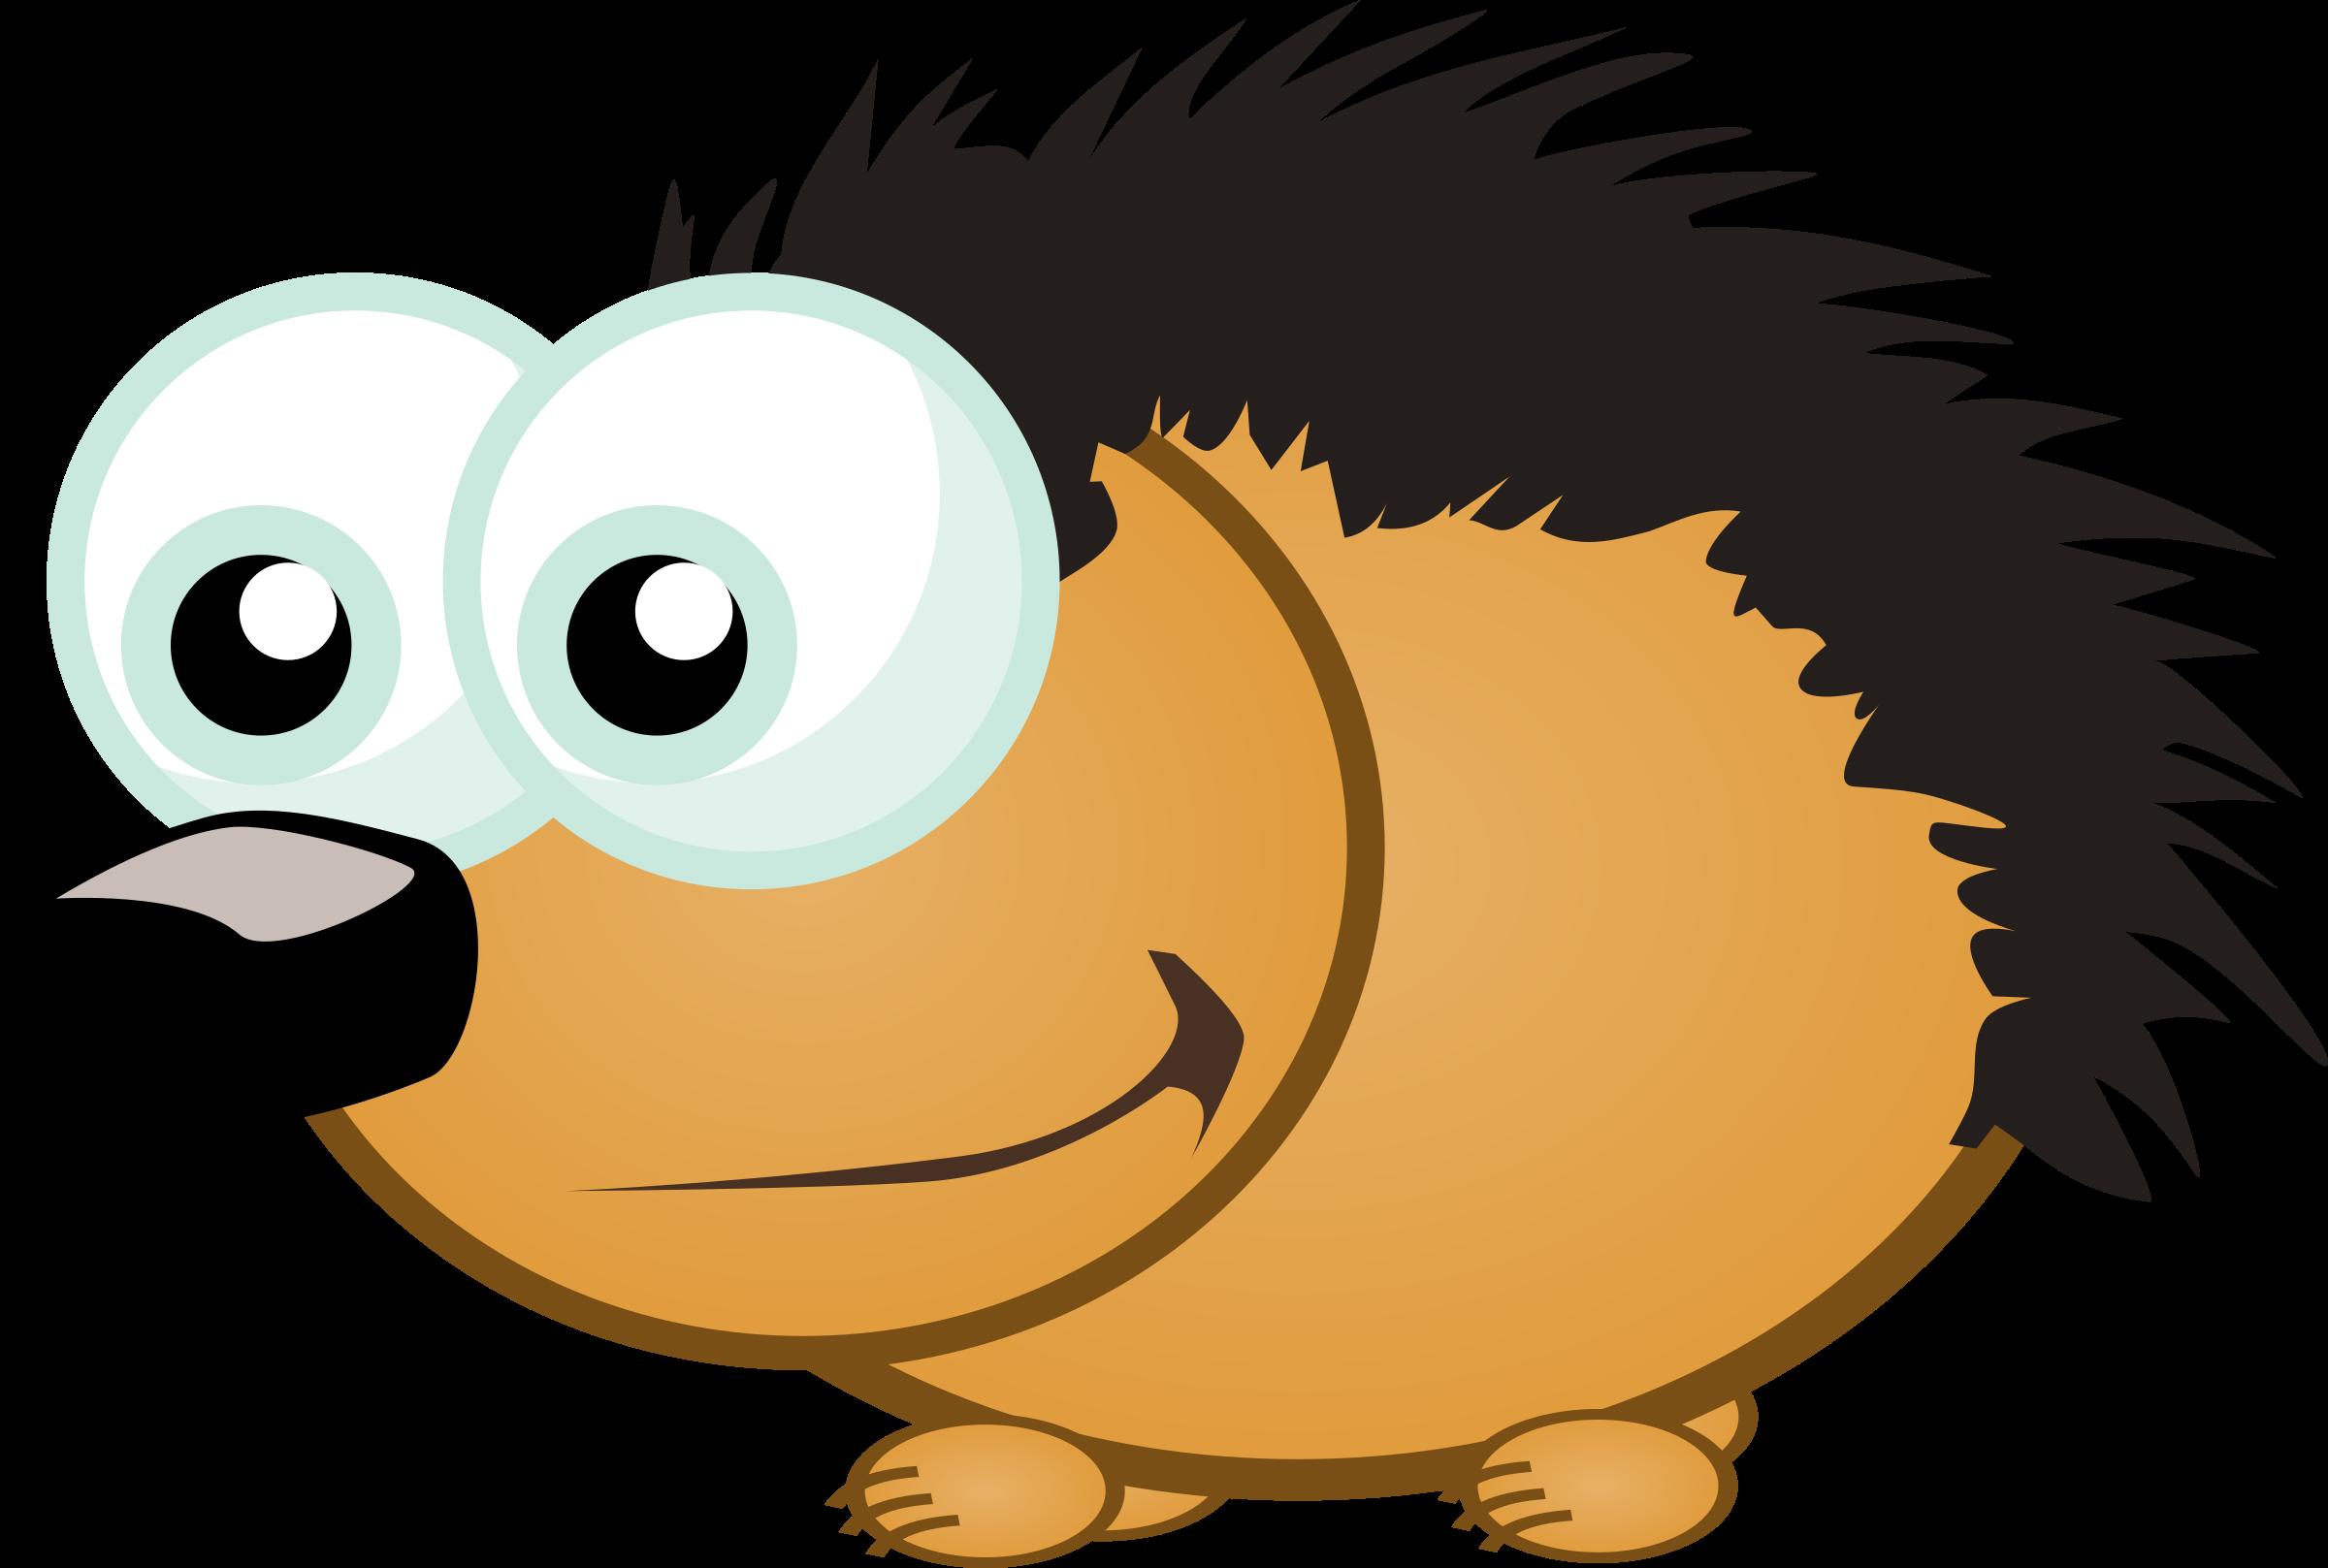 Big vs small clipart clipart transparent stock Clipart - Small Hedgehog clipart transparent stock